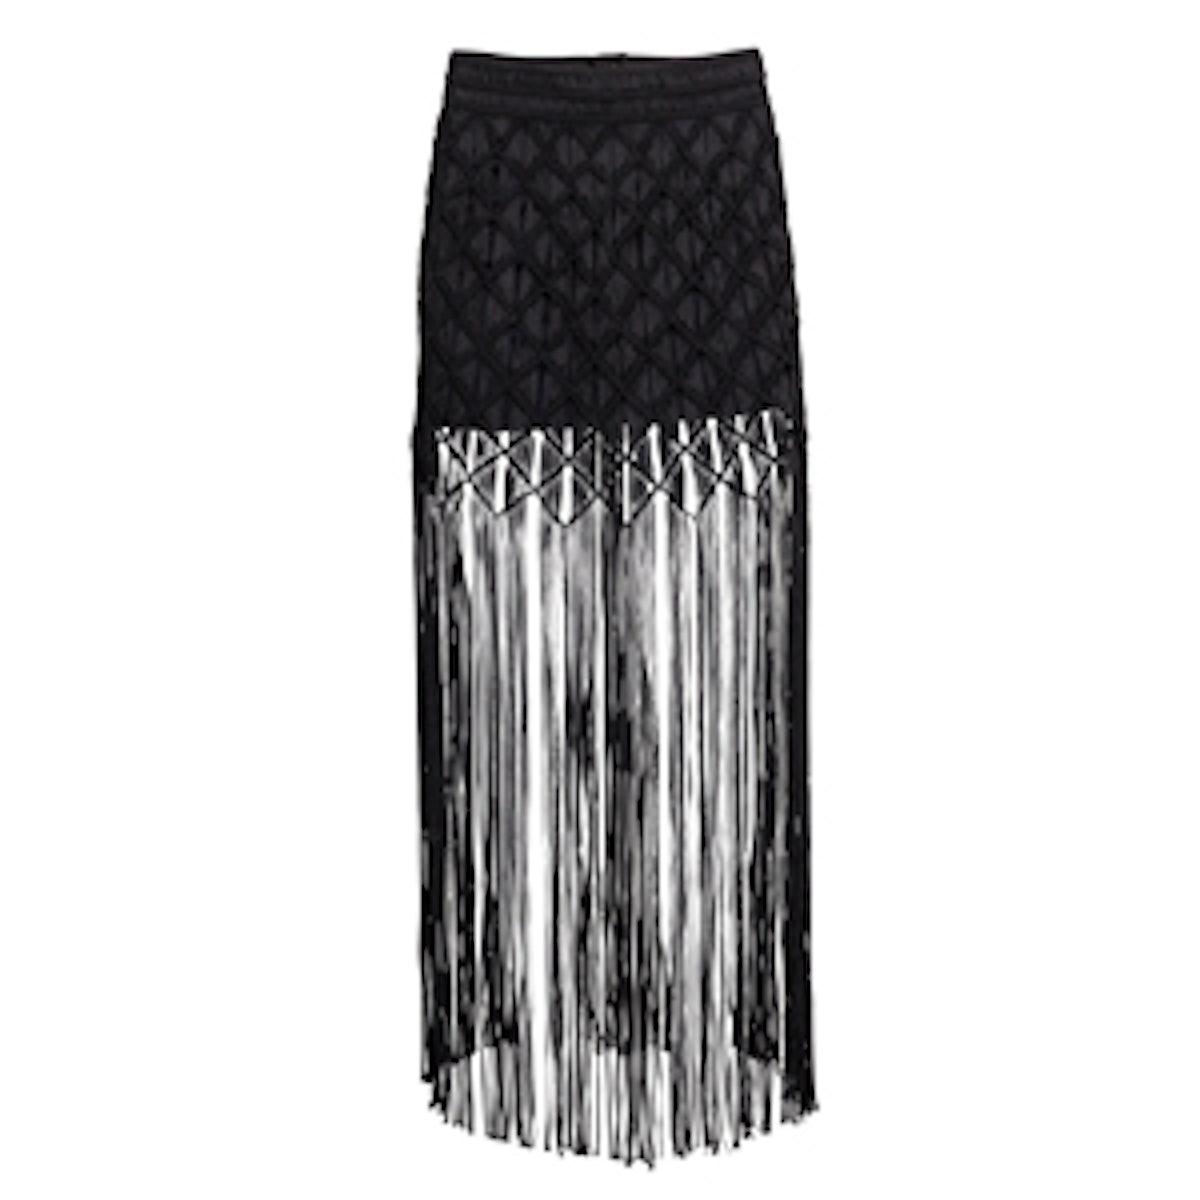 Long Fringed Skirt